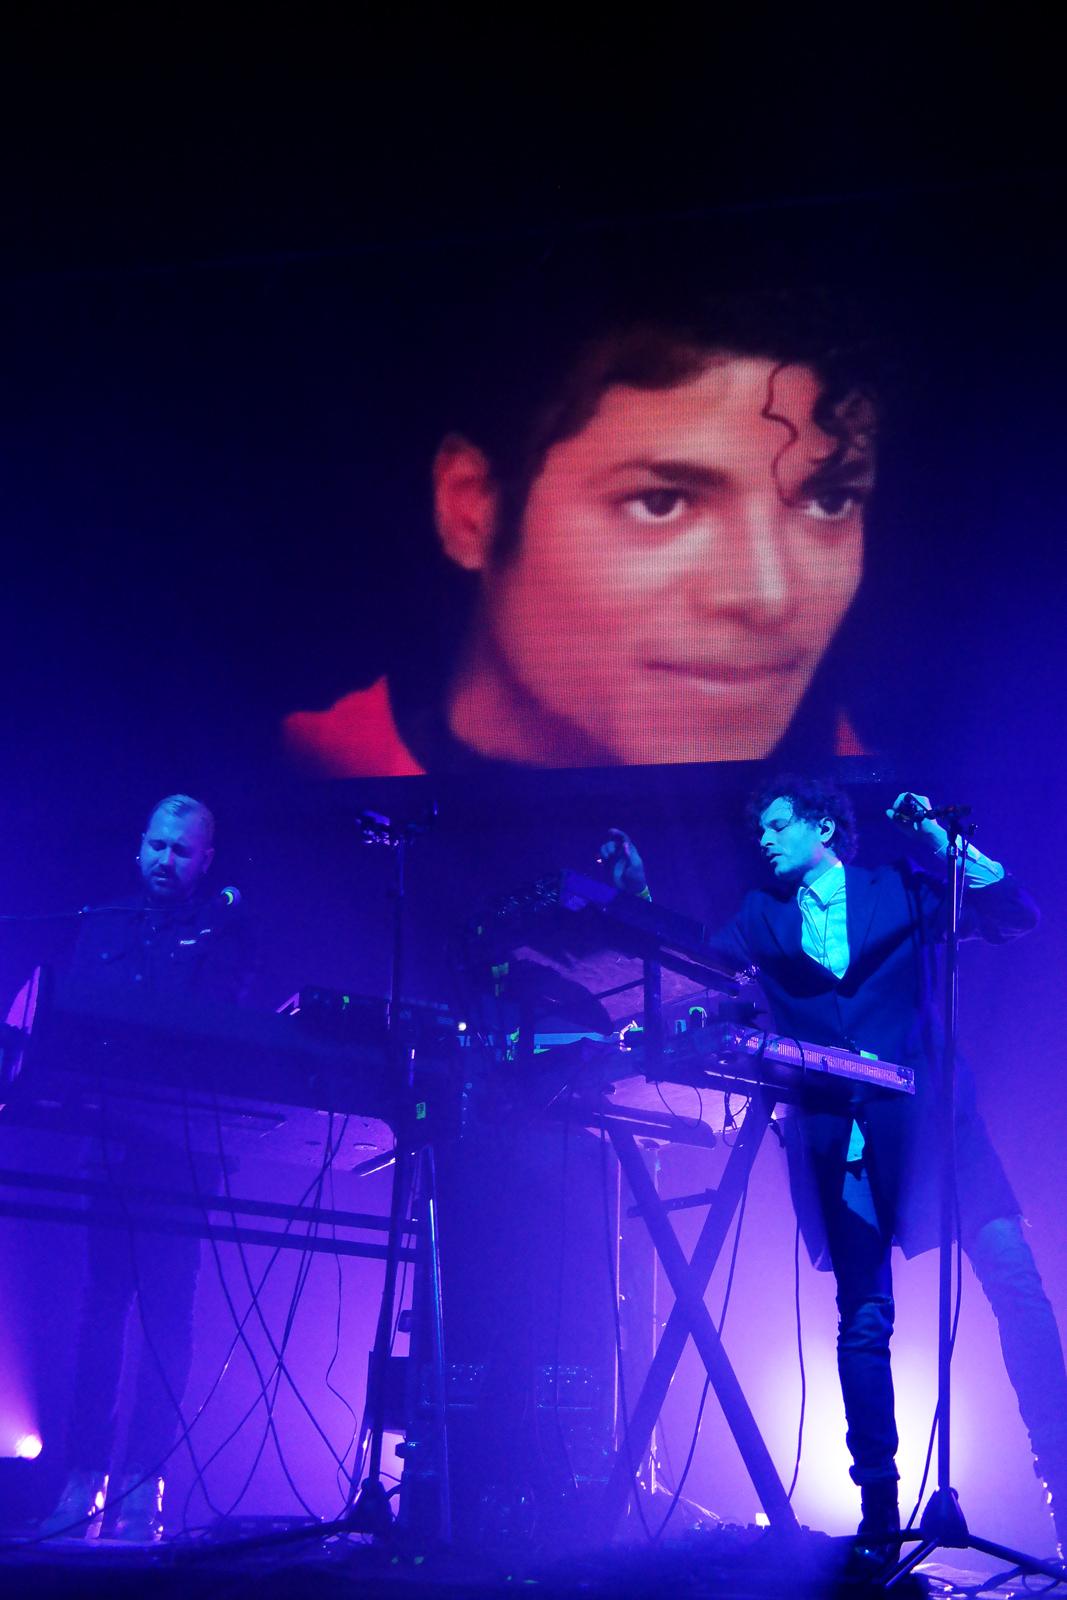 The Shoes with Michael Jackson music band Guillaume Brière et Benjamin Lebeau live concert Printemps de bourges 2016 festival musique stage photo usofparis blog